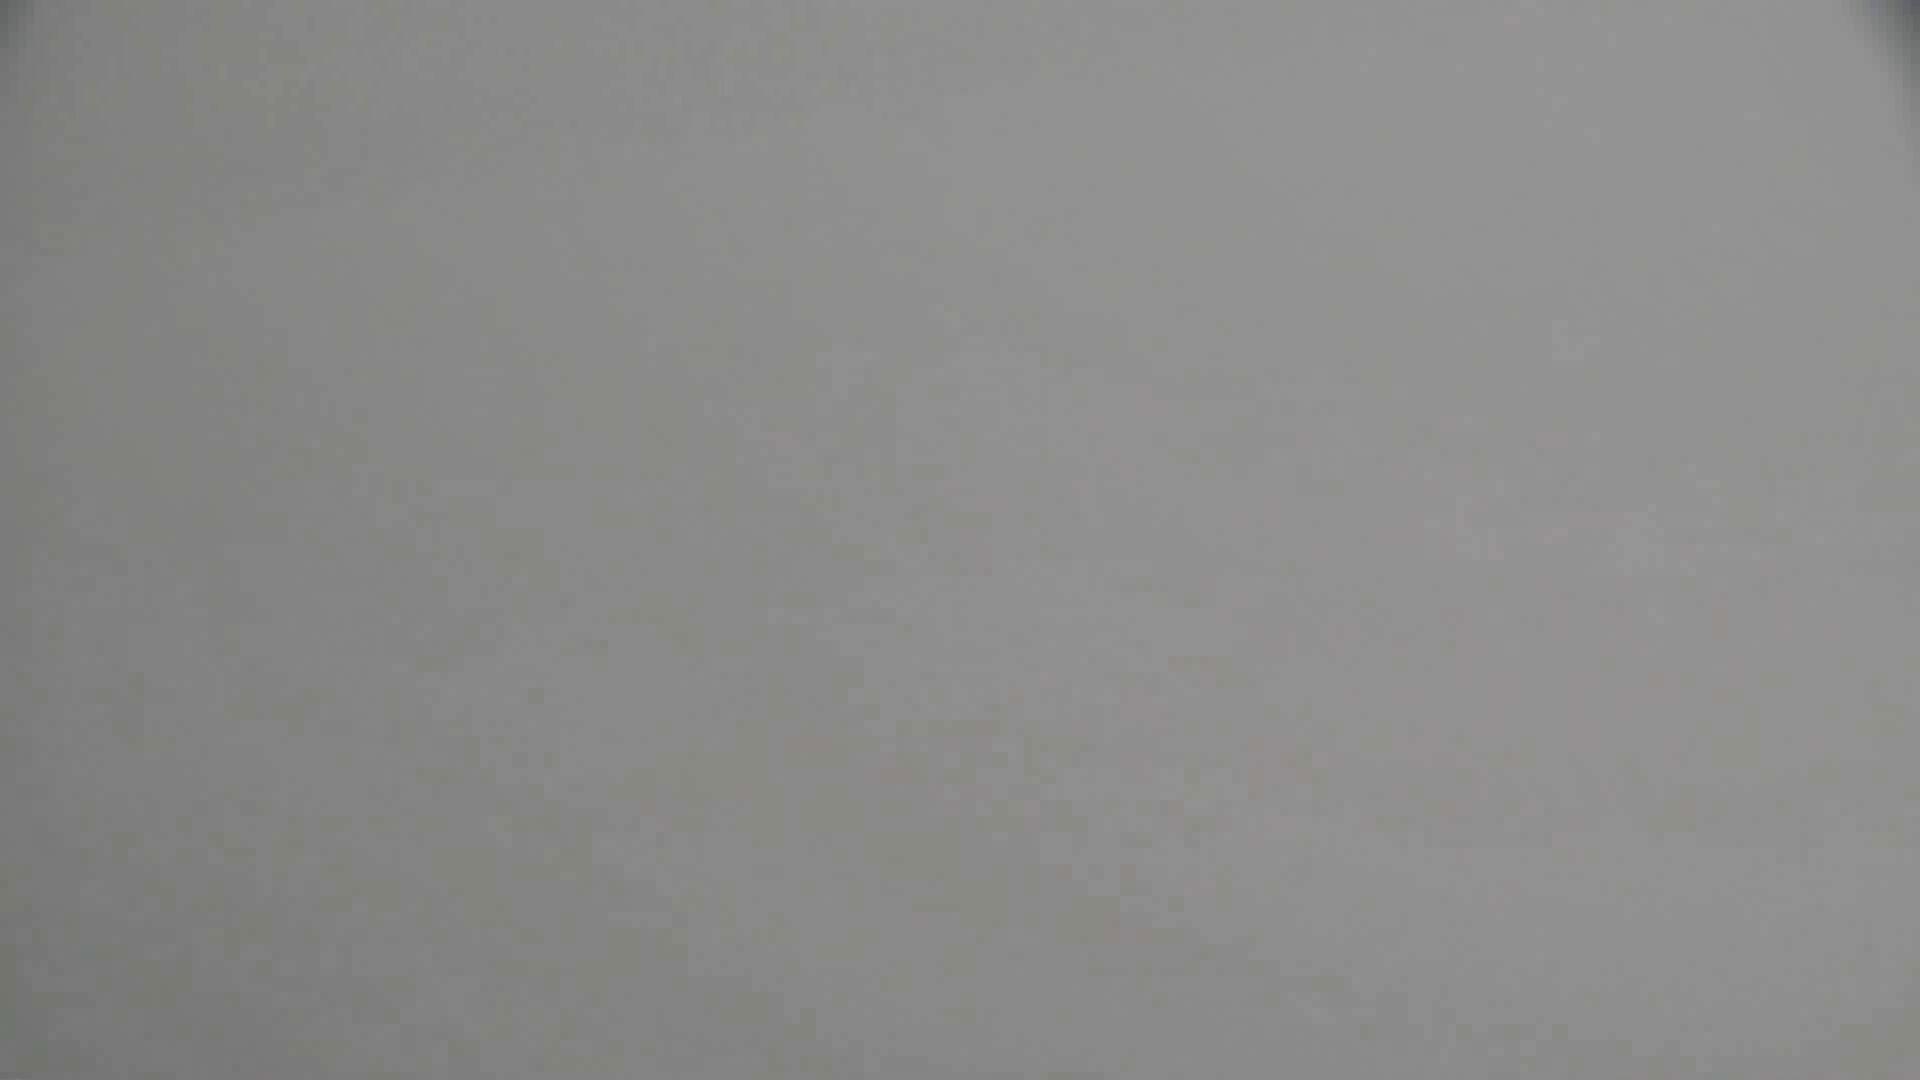 vol.28 命がけ潜伏洗面所! ∑(゚Д゚)アッ! エロティックなOL  106画像 92